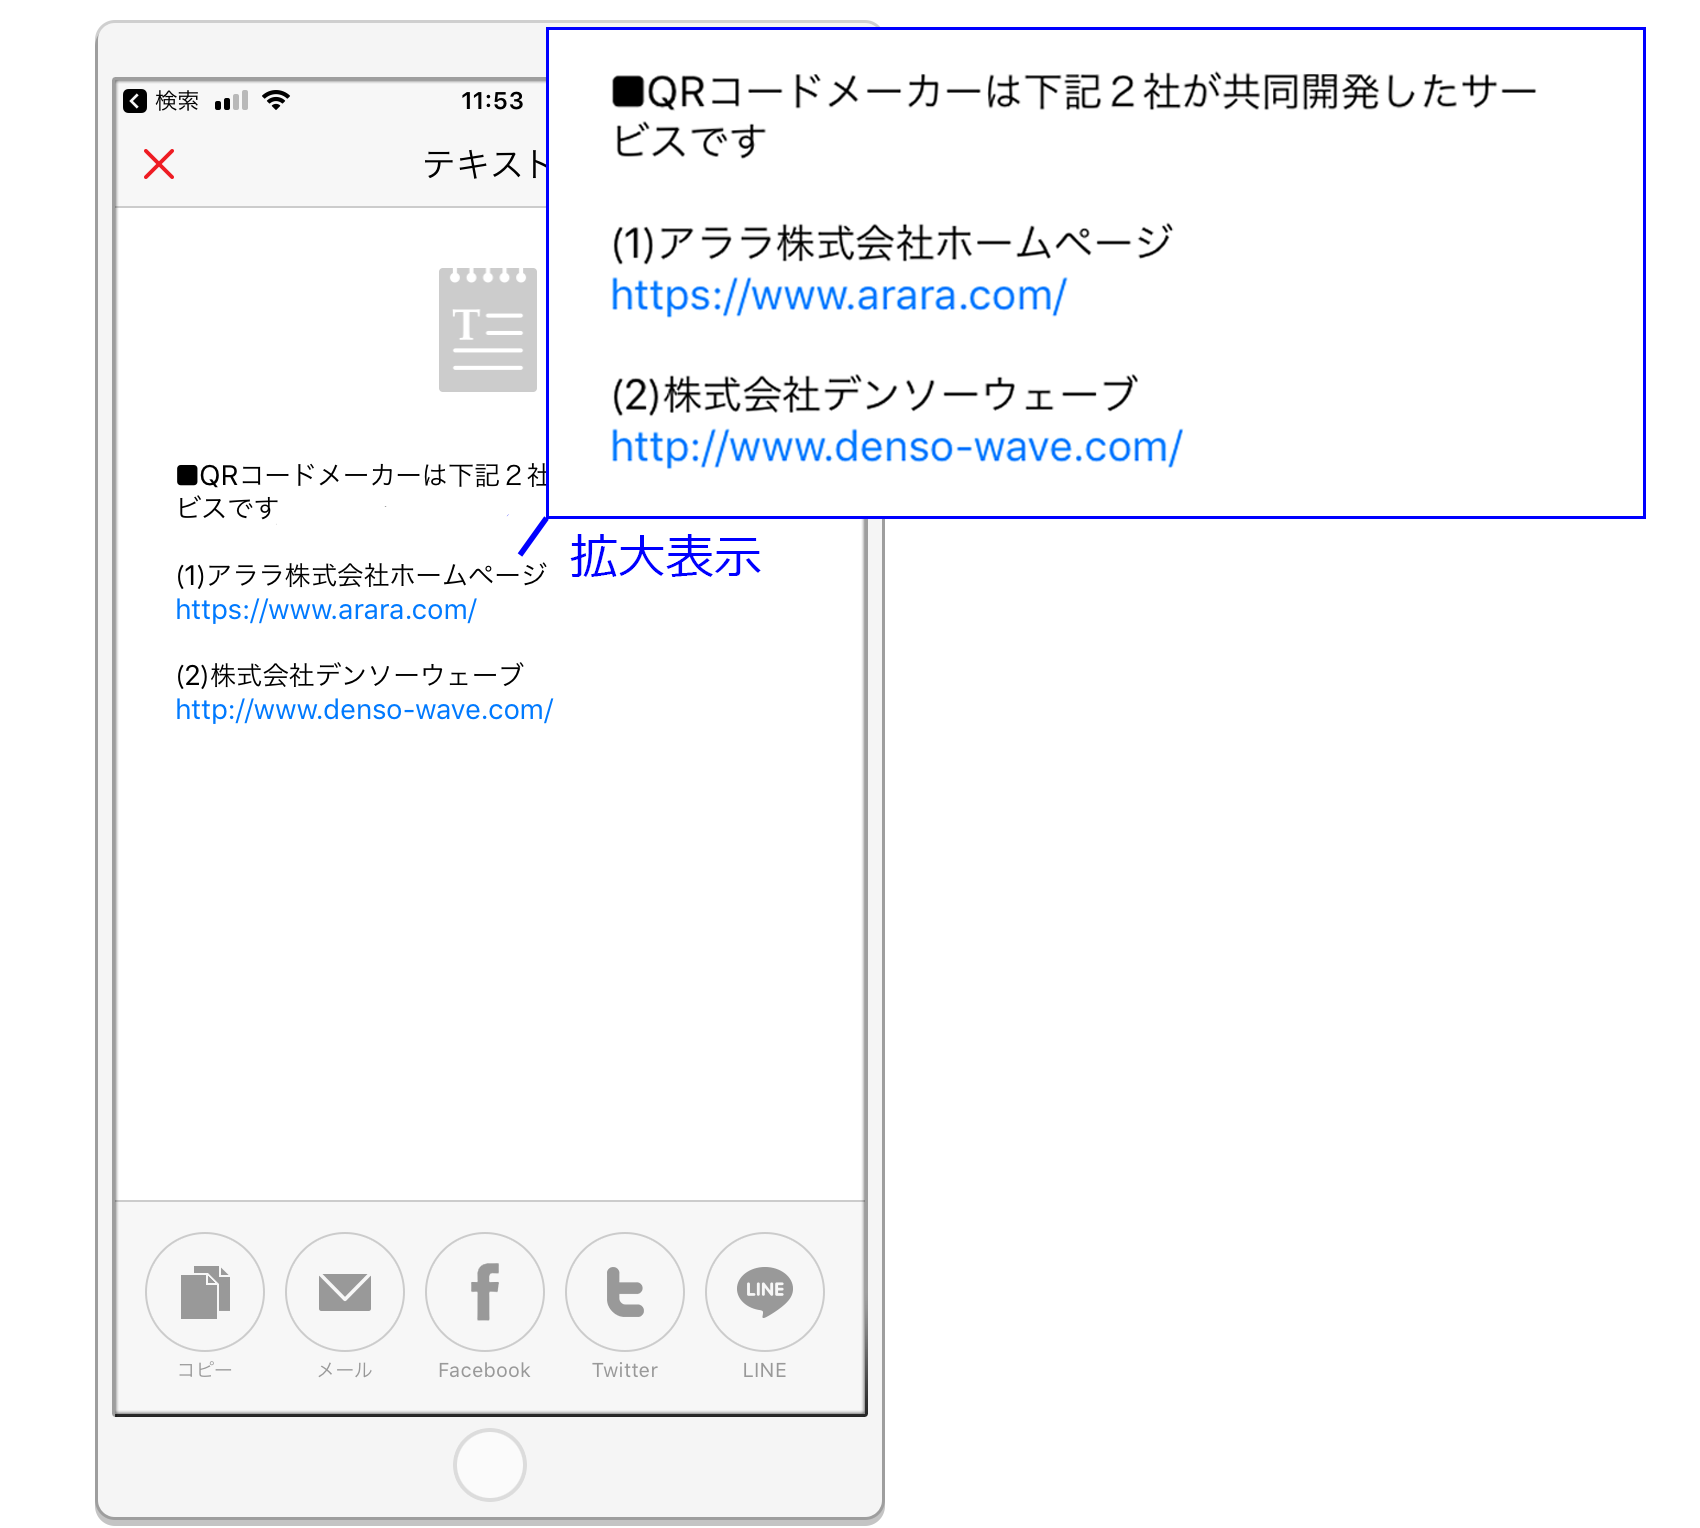 複数URLに遷移できるQRコードの作成方法のアプリ表示画面